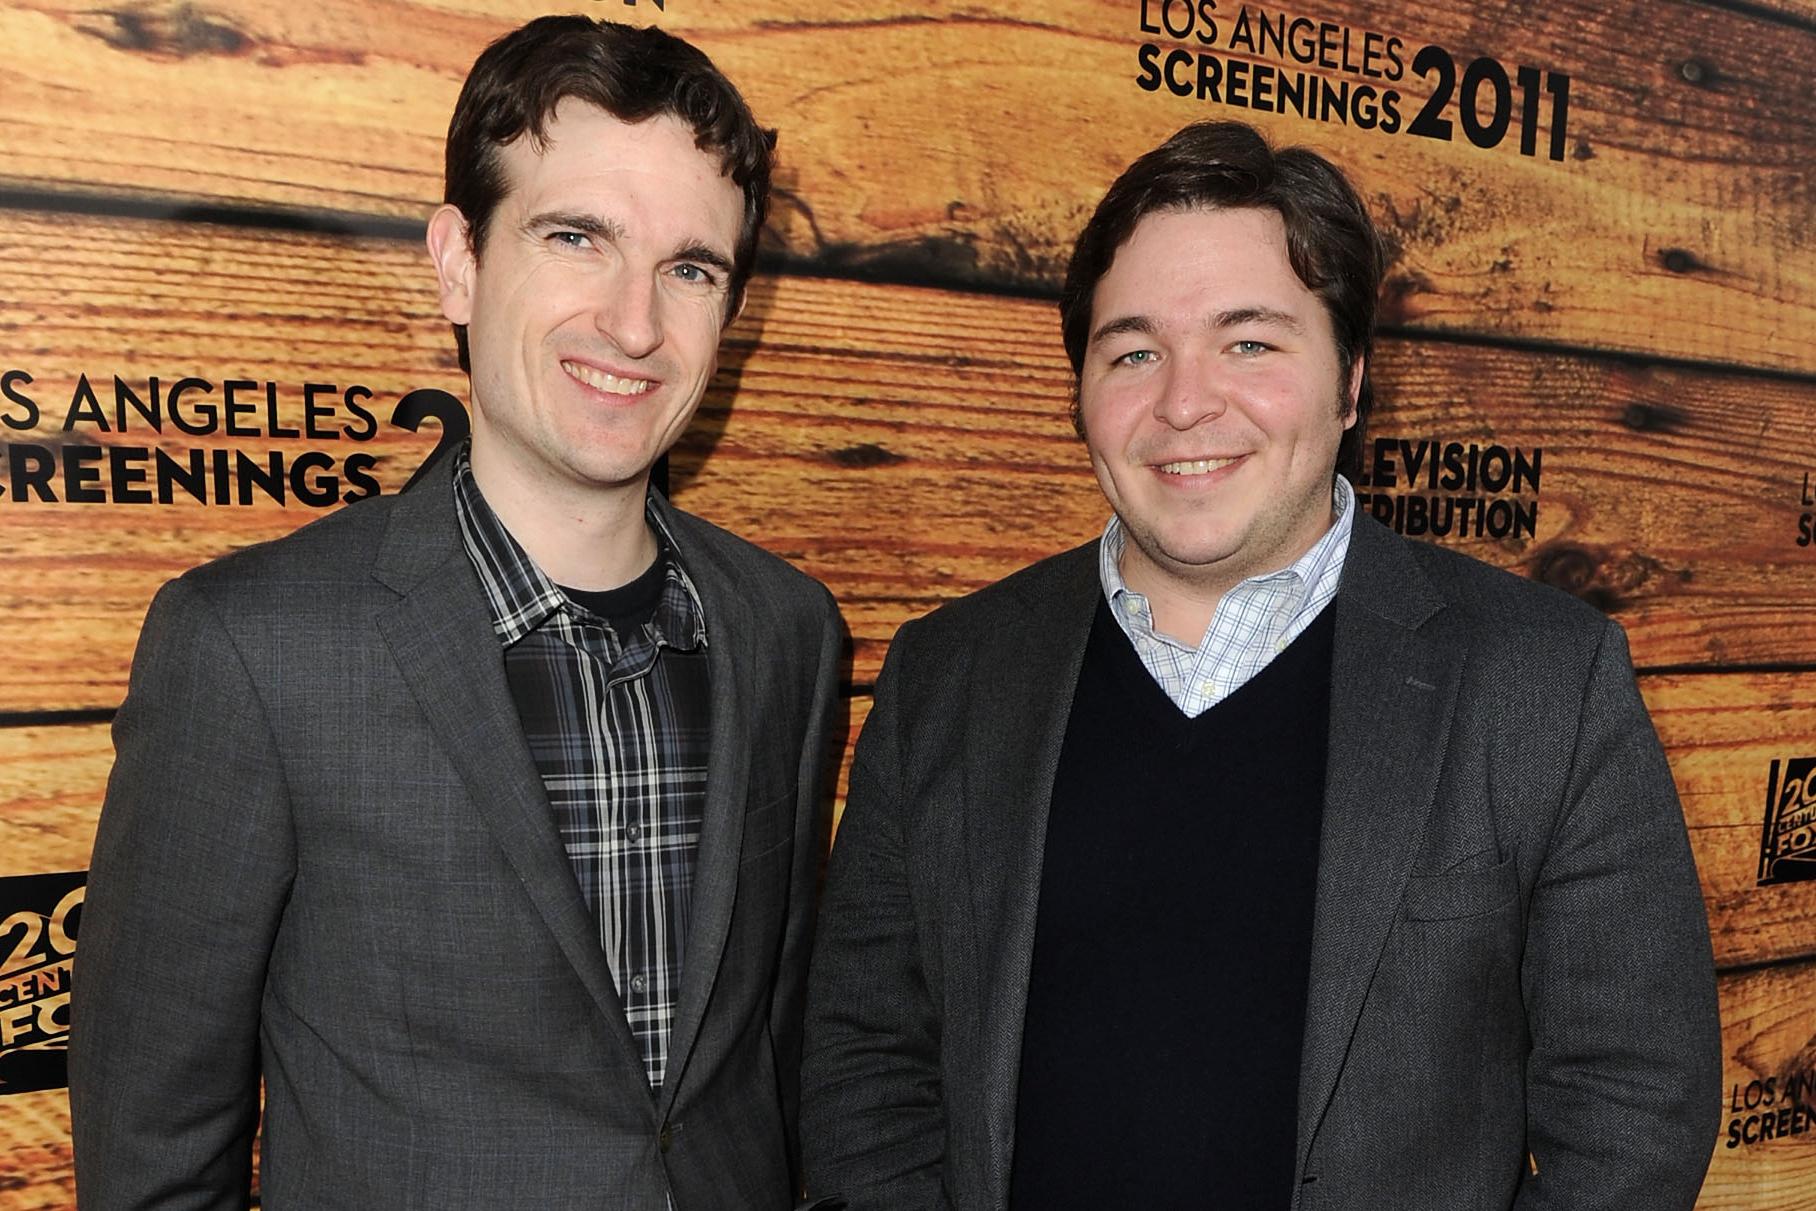 Creators Craig Thomas and Carter Bays